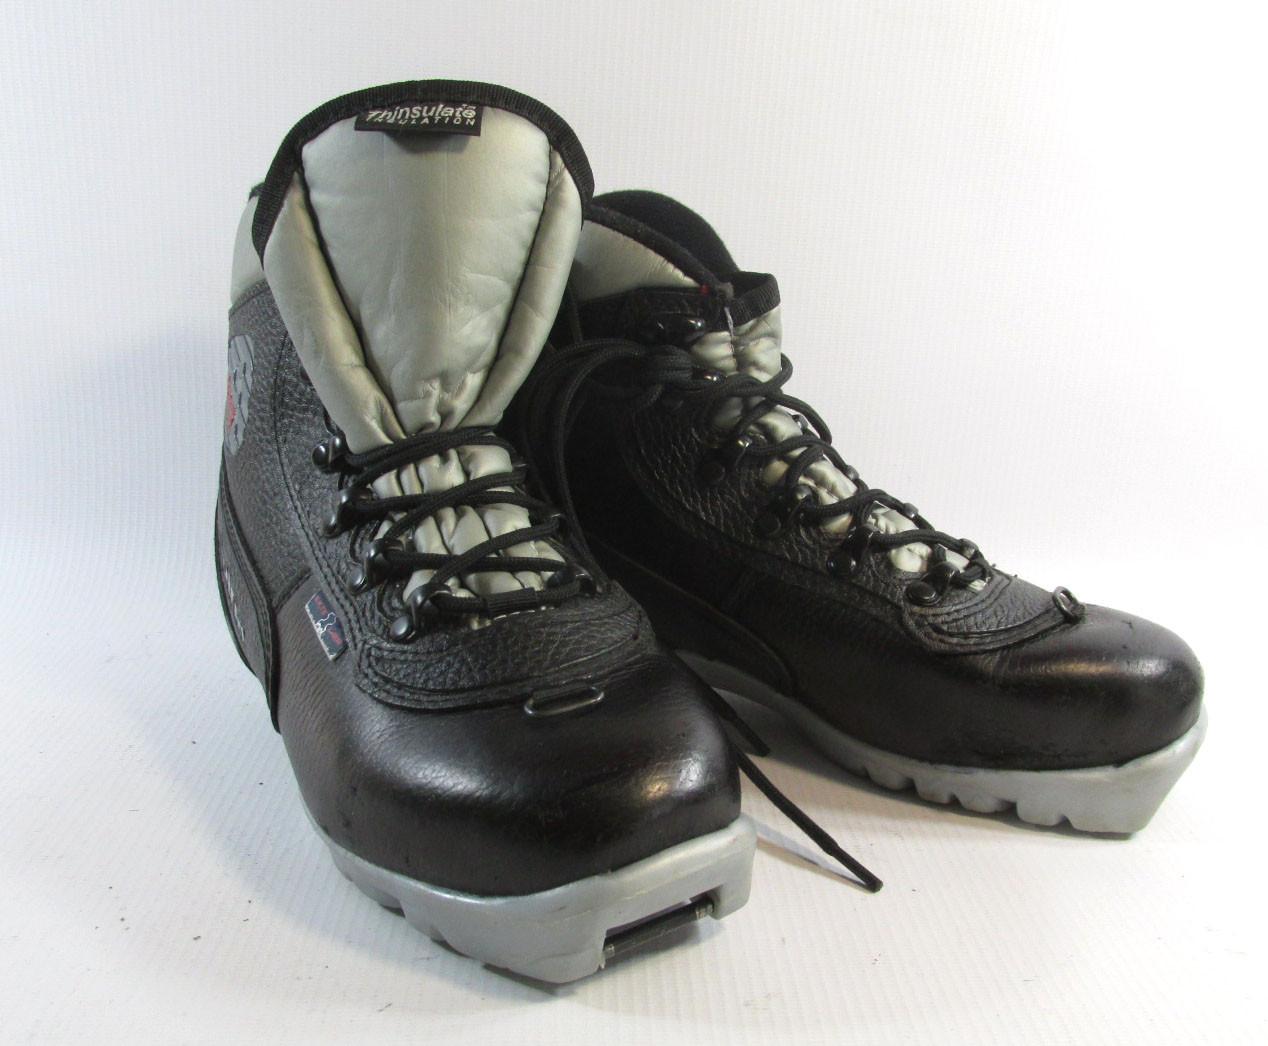 Ботинки лыжные ALPINA 125 NNN, кожа, Утепленные, 35, Отл сост!